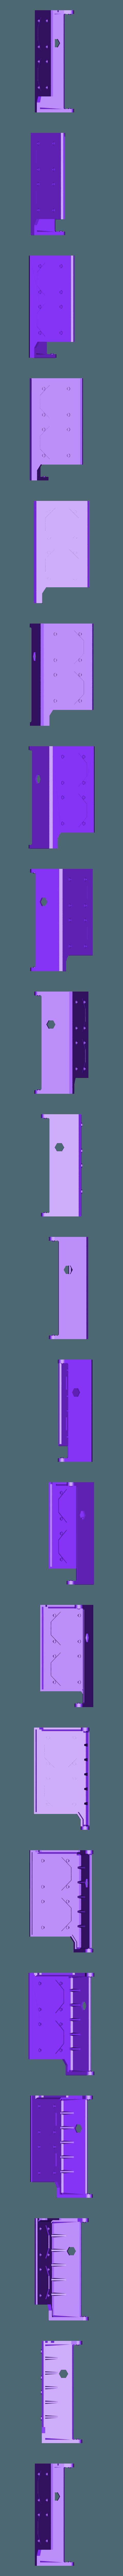 dasaki_ramps_enclosure_cover_v2_dual_40mm_fan.stl Télécharger fichier STL gratuit Dasaki Ramps 1.4 Boîtier / Boîte / Boîtier • Plan pour impression 3D, dasaki